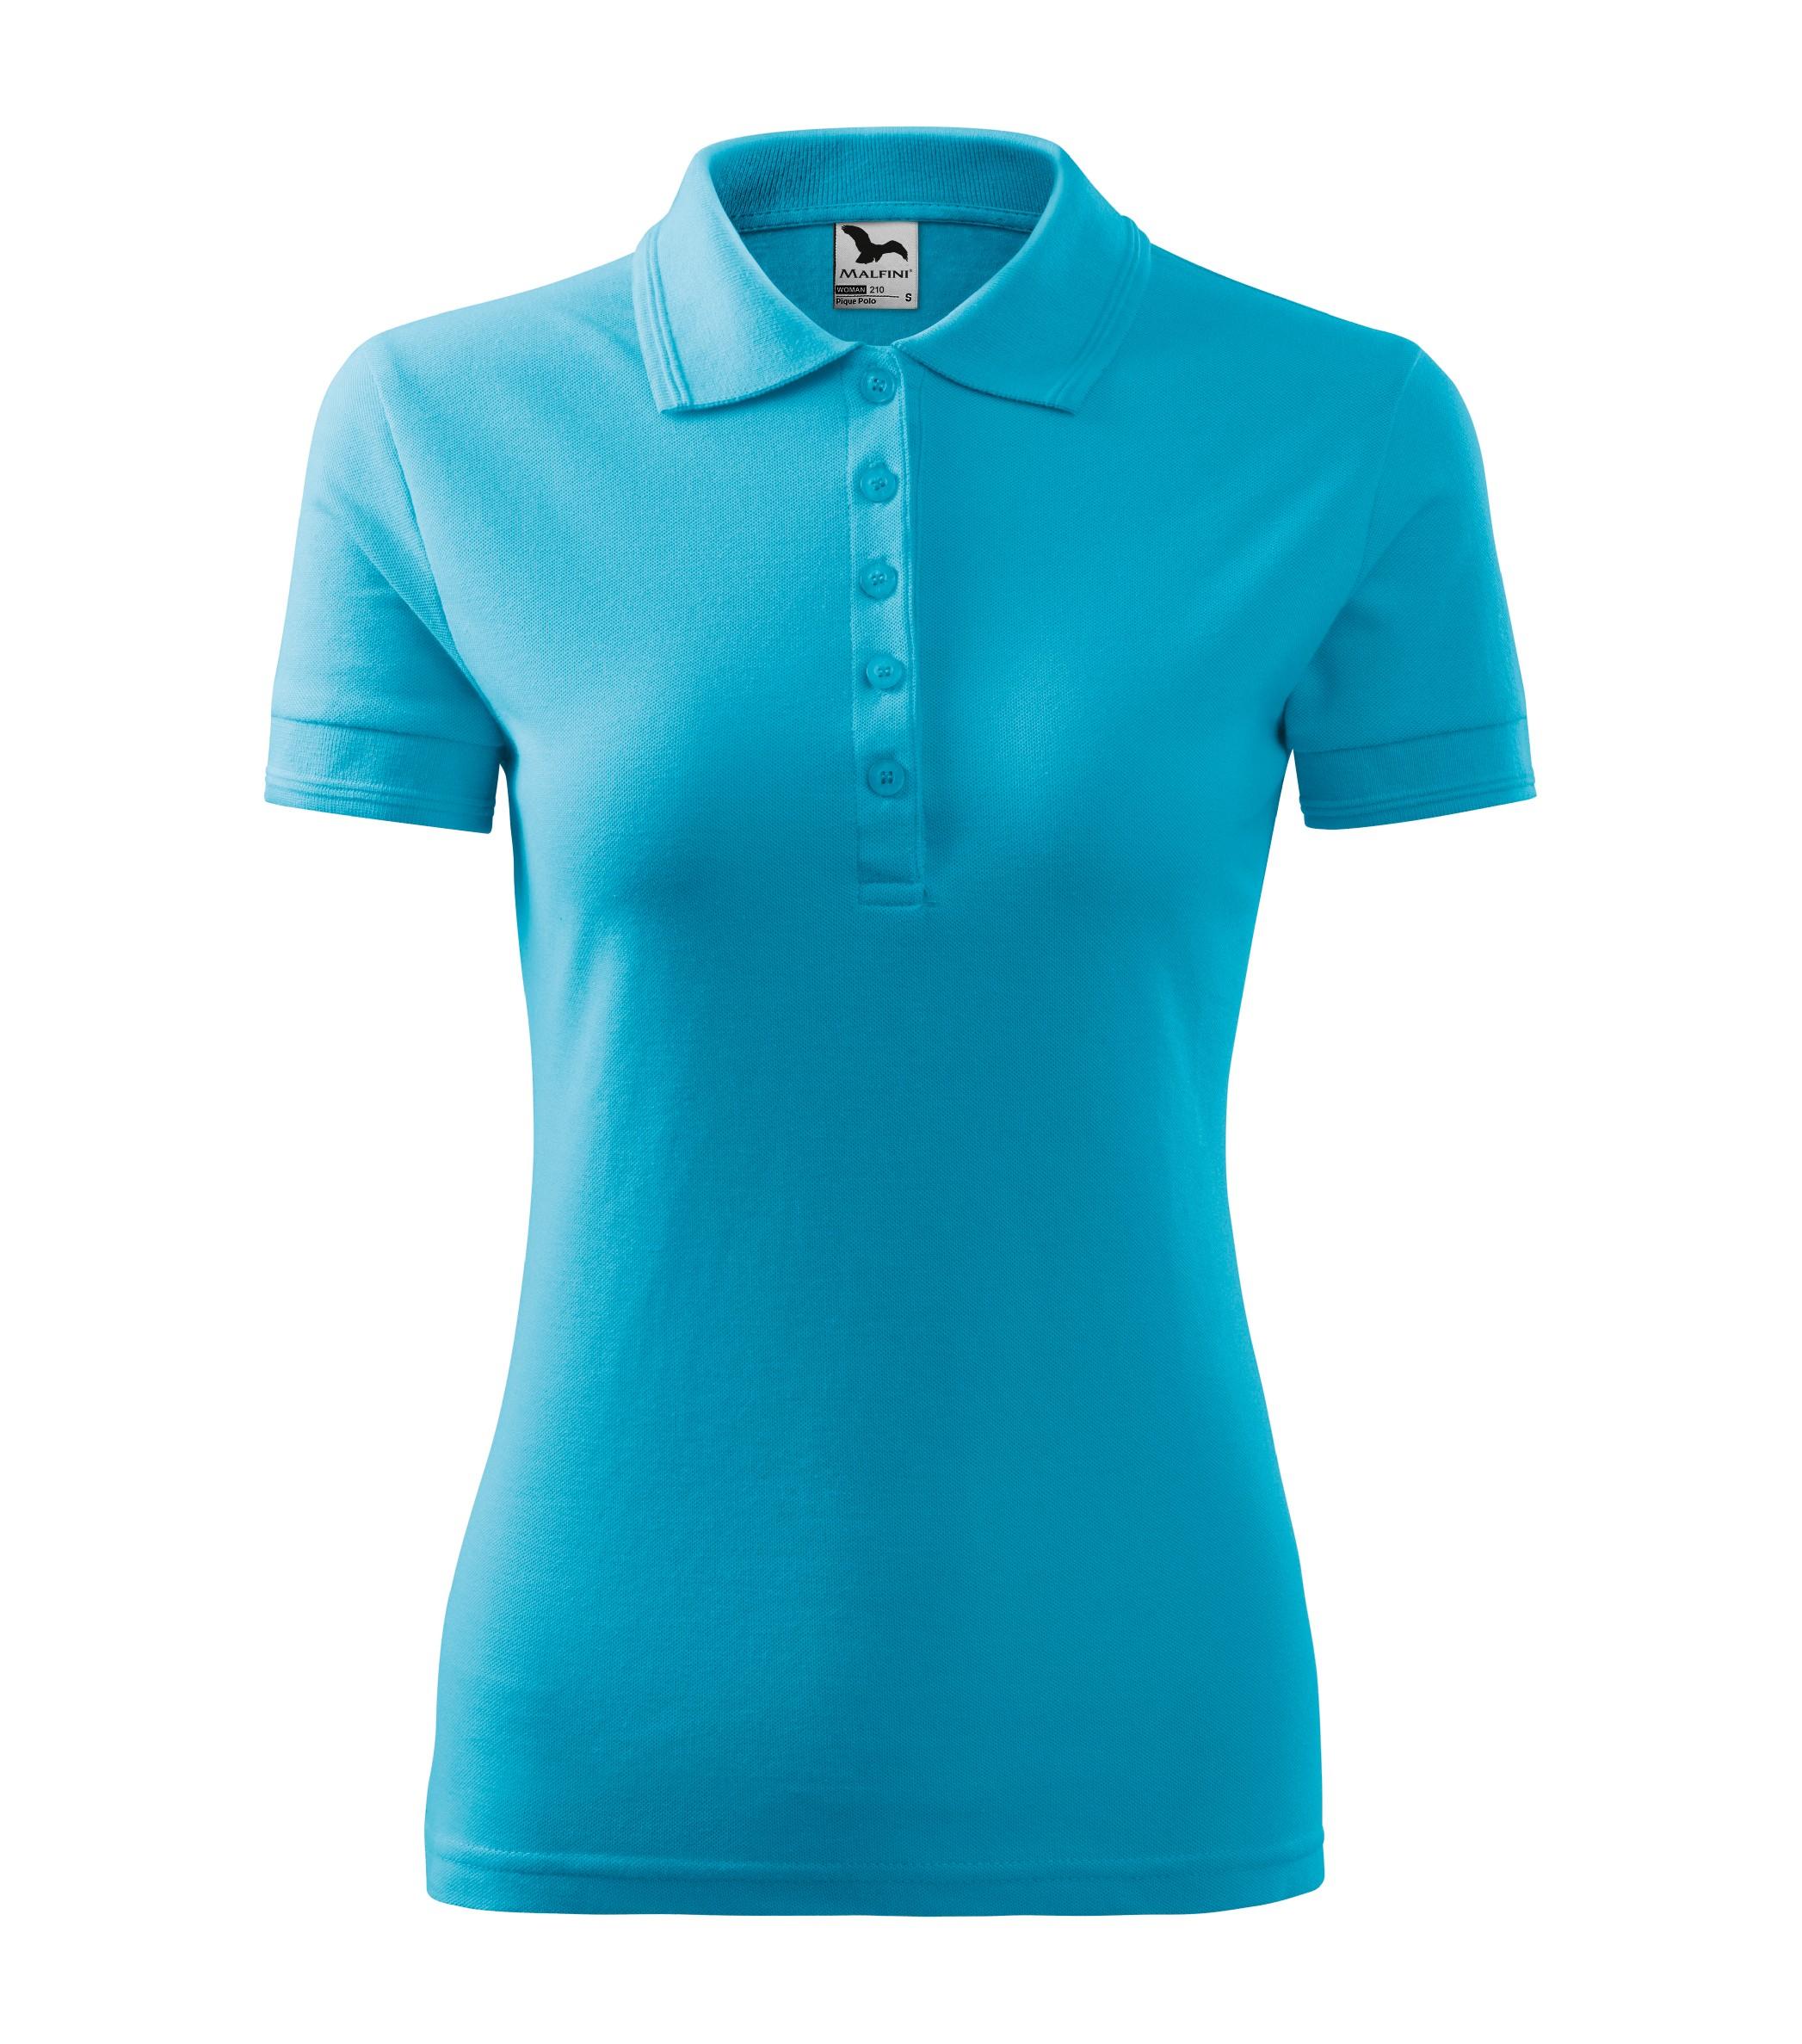 Polokošile dámská Pique Polo Barva: tyrkysová, Velikost: L